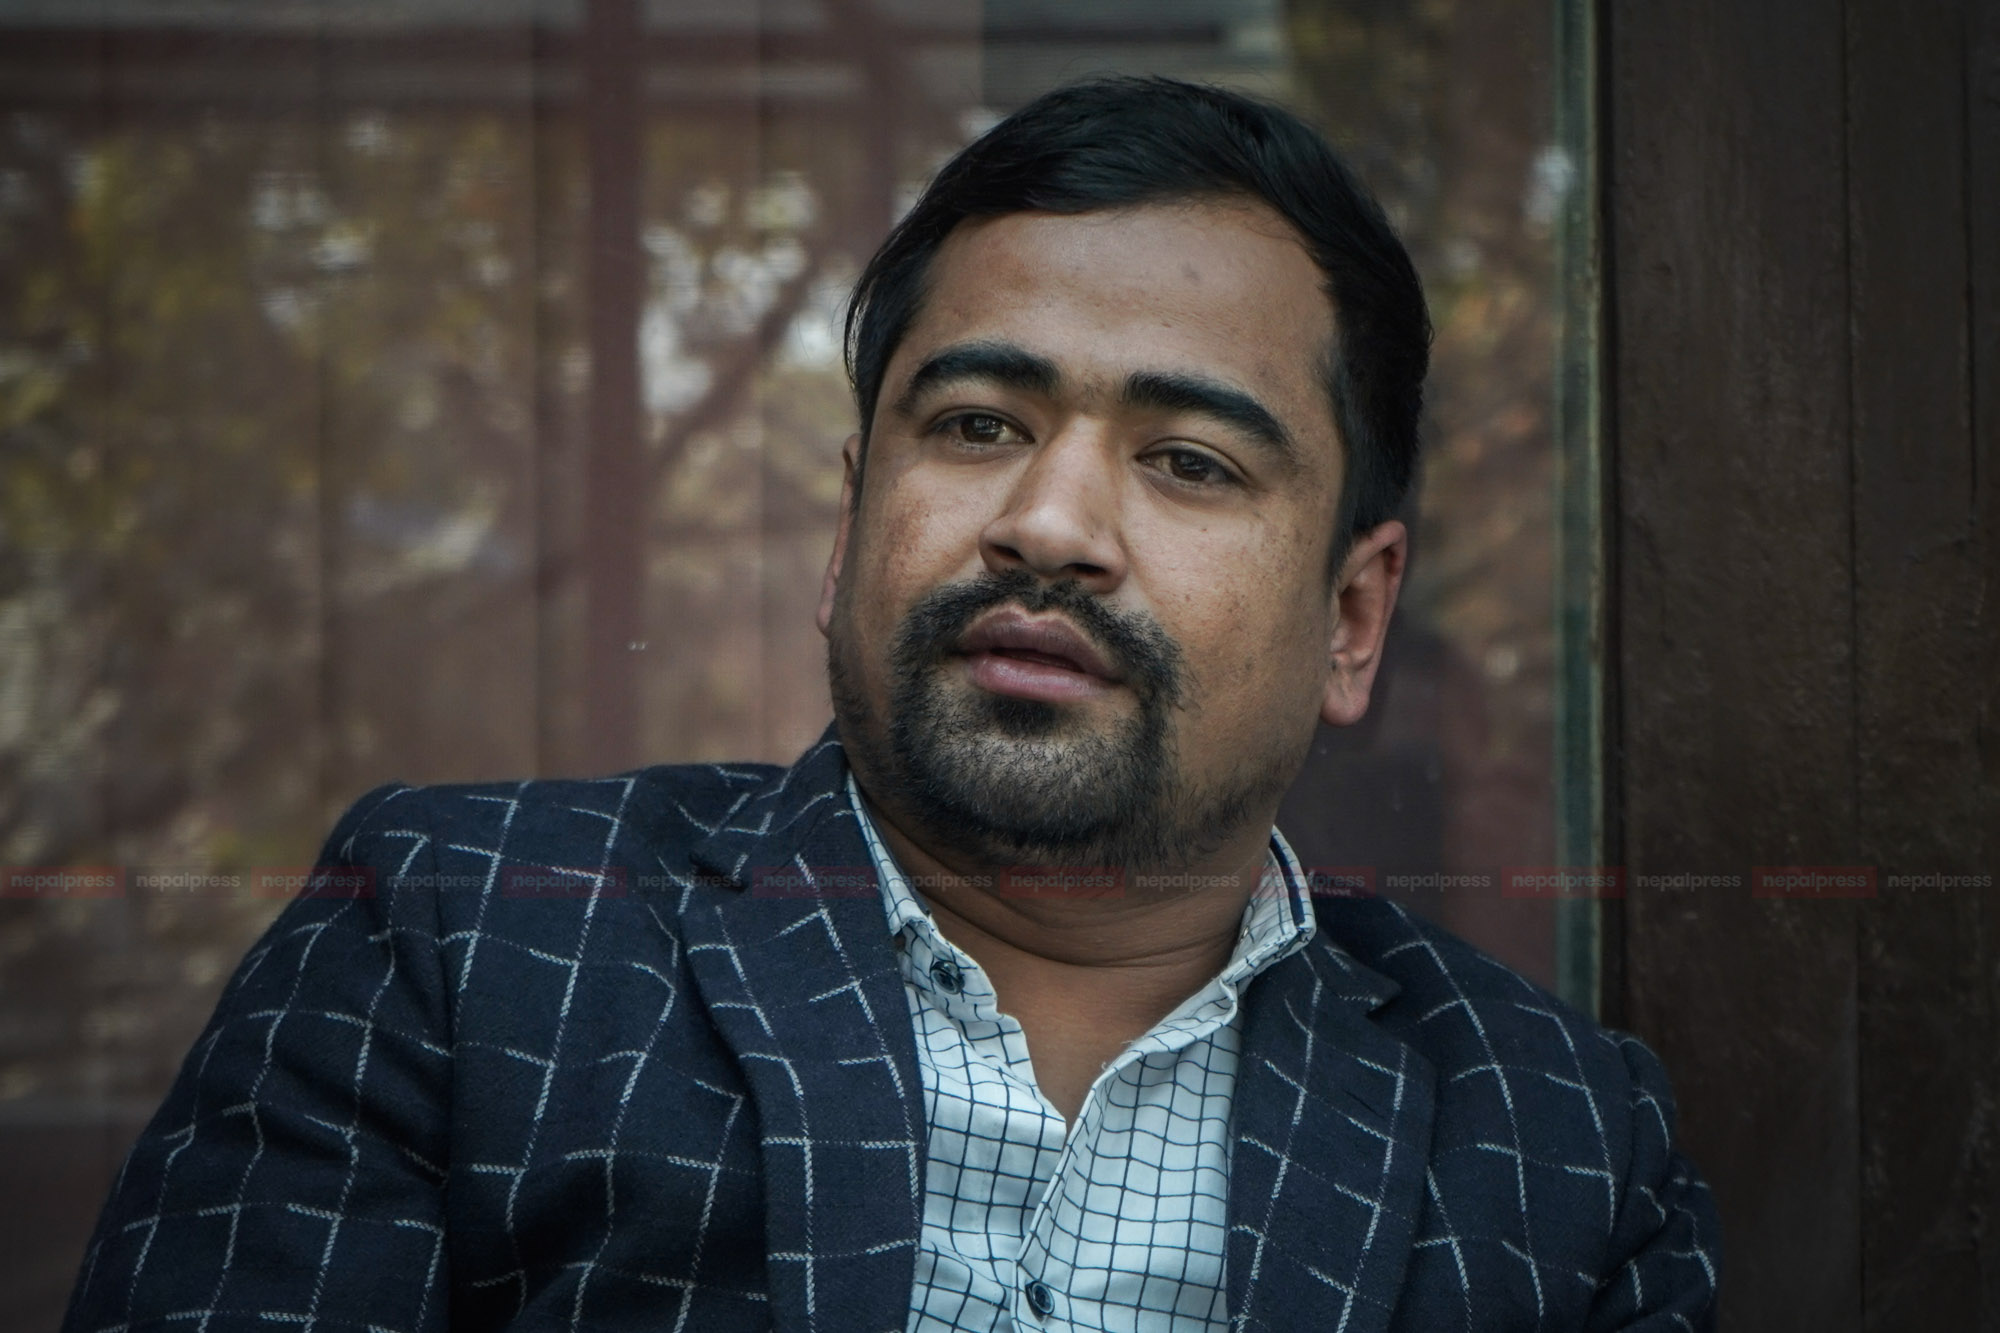 फिल्म र पर्यटन चलायमान नेफ्टा अवार्डको उद्देश्य, गायिका नेहा कक्करलाई नेपाल ल्याउने